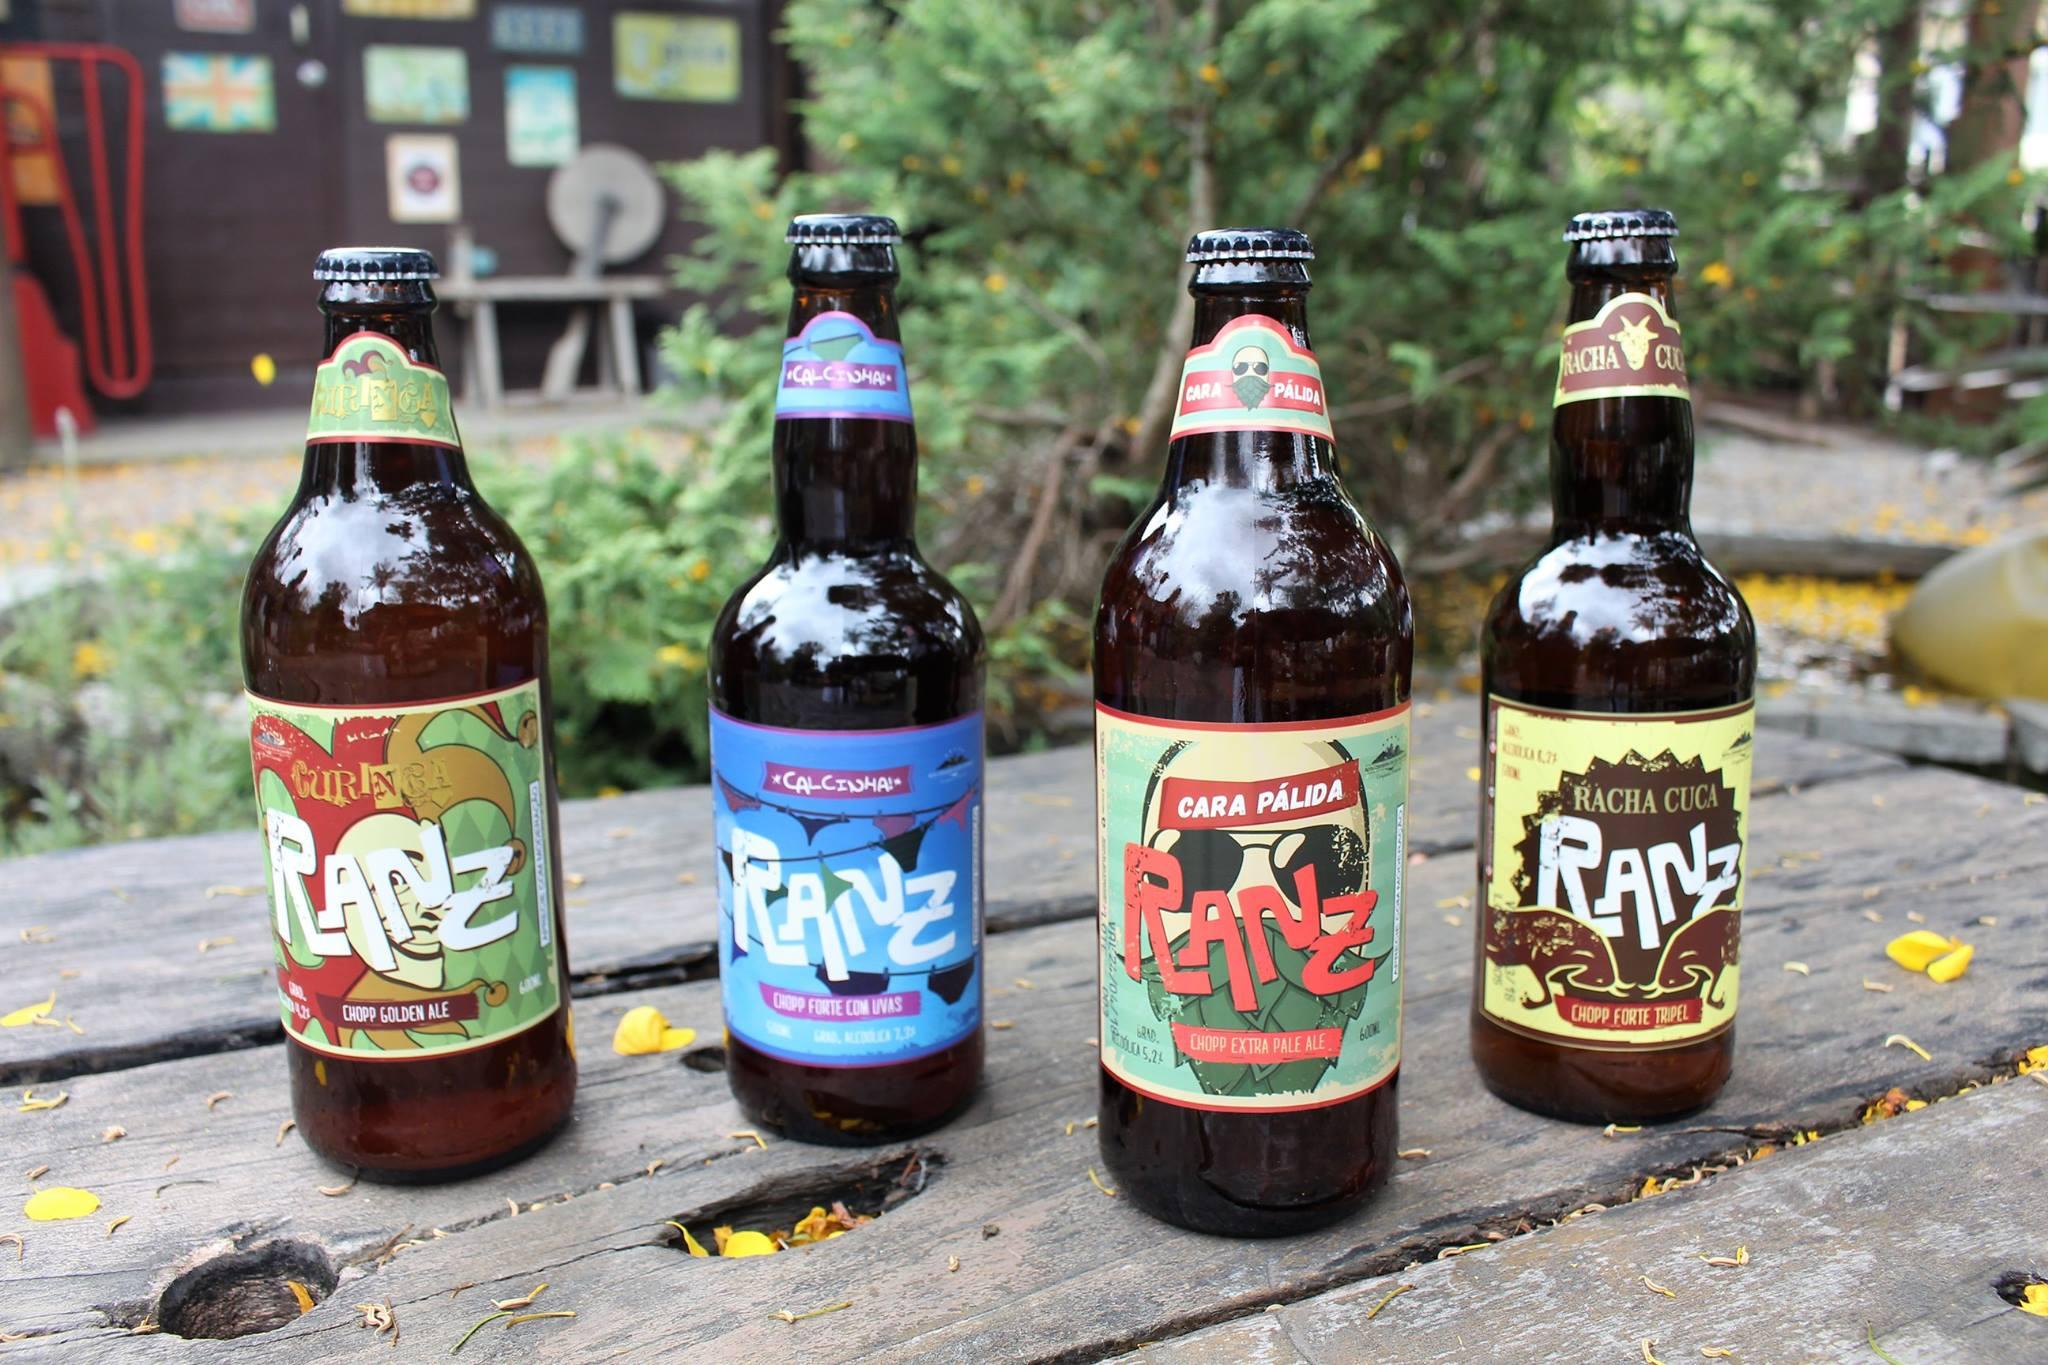 08 - Ranz Bier Brewery, RJ - Facebook